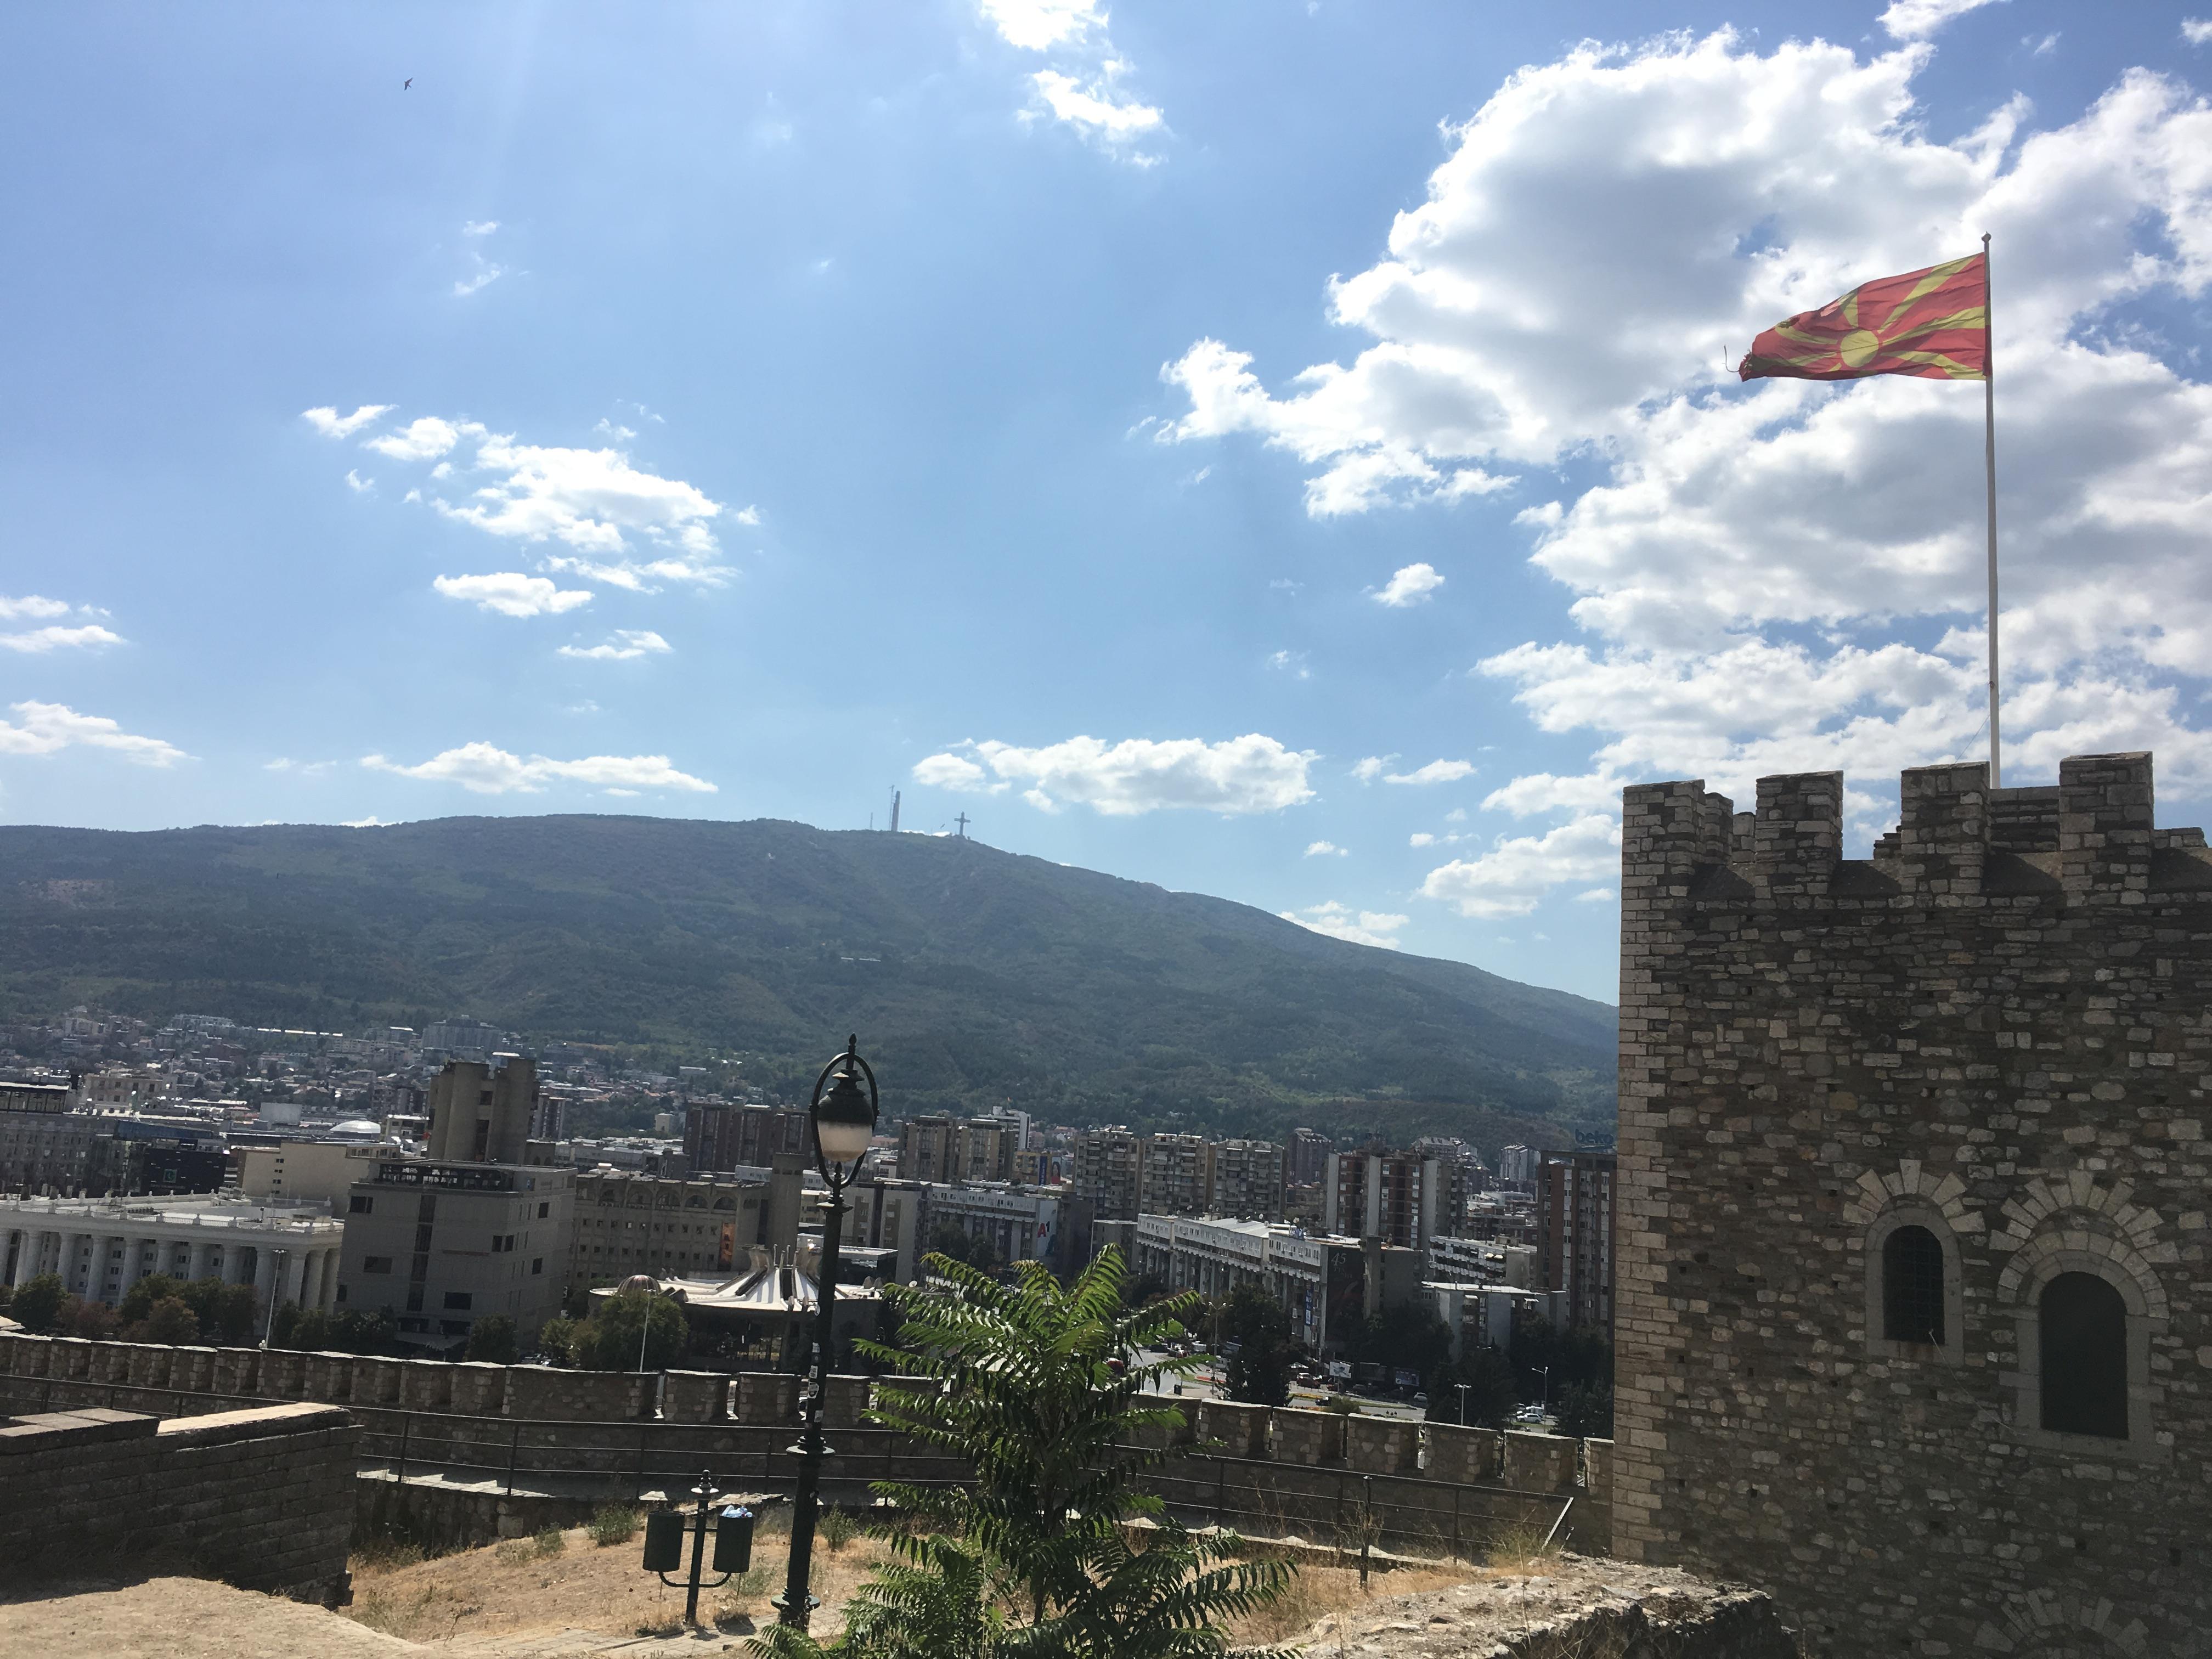 スコピエ要塞と国旗